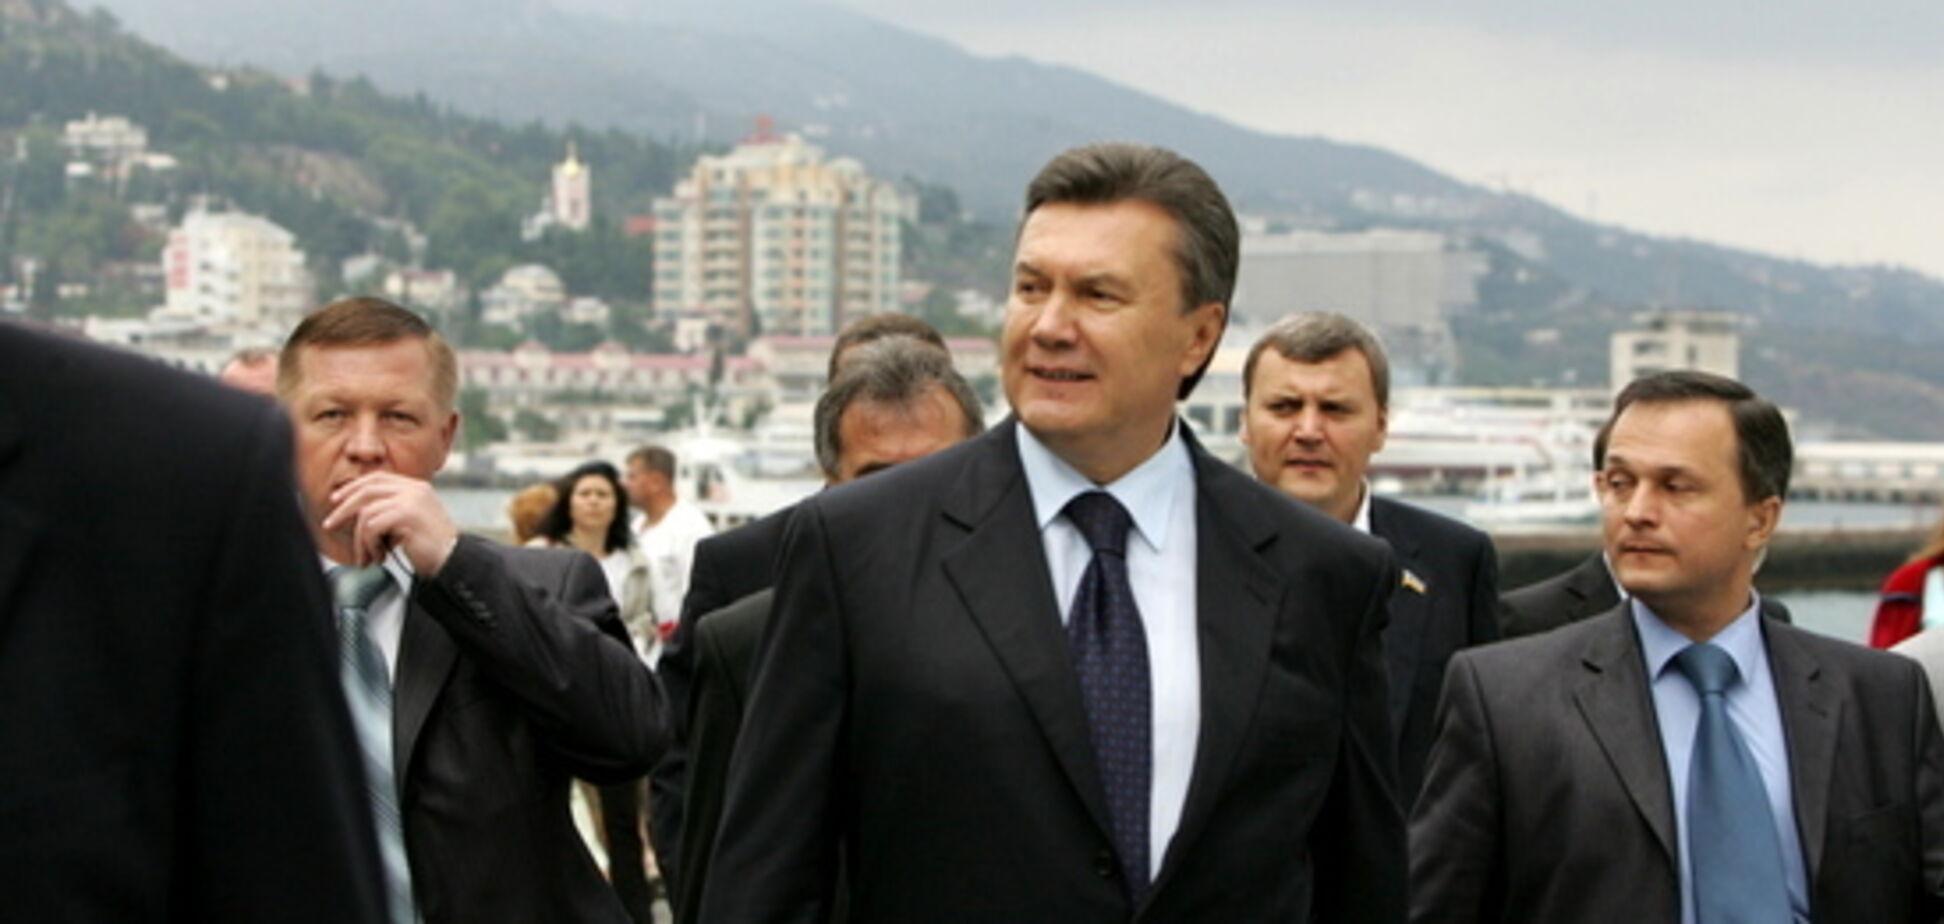 Втеча Януковича: екс-охоронець зажадав повторного допиту через отруювача Скрипаля